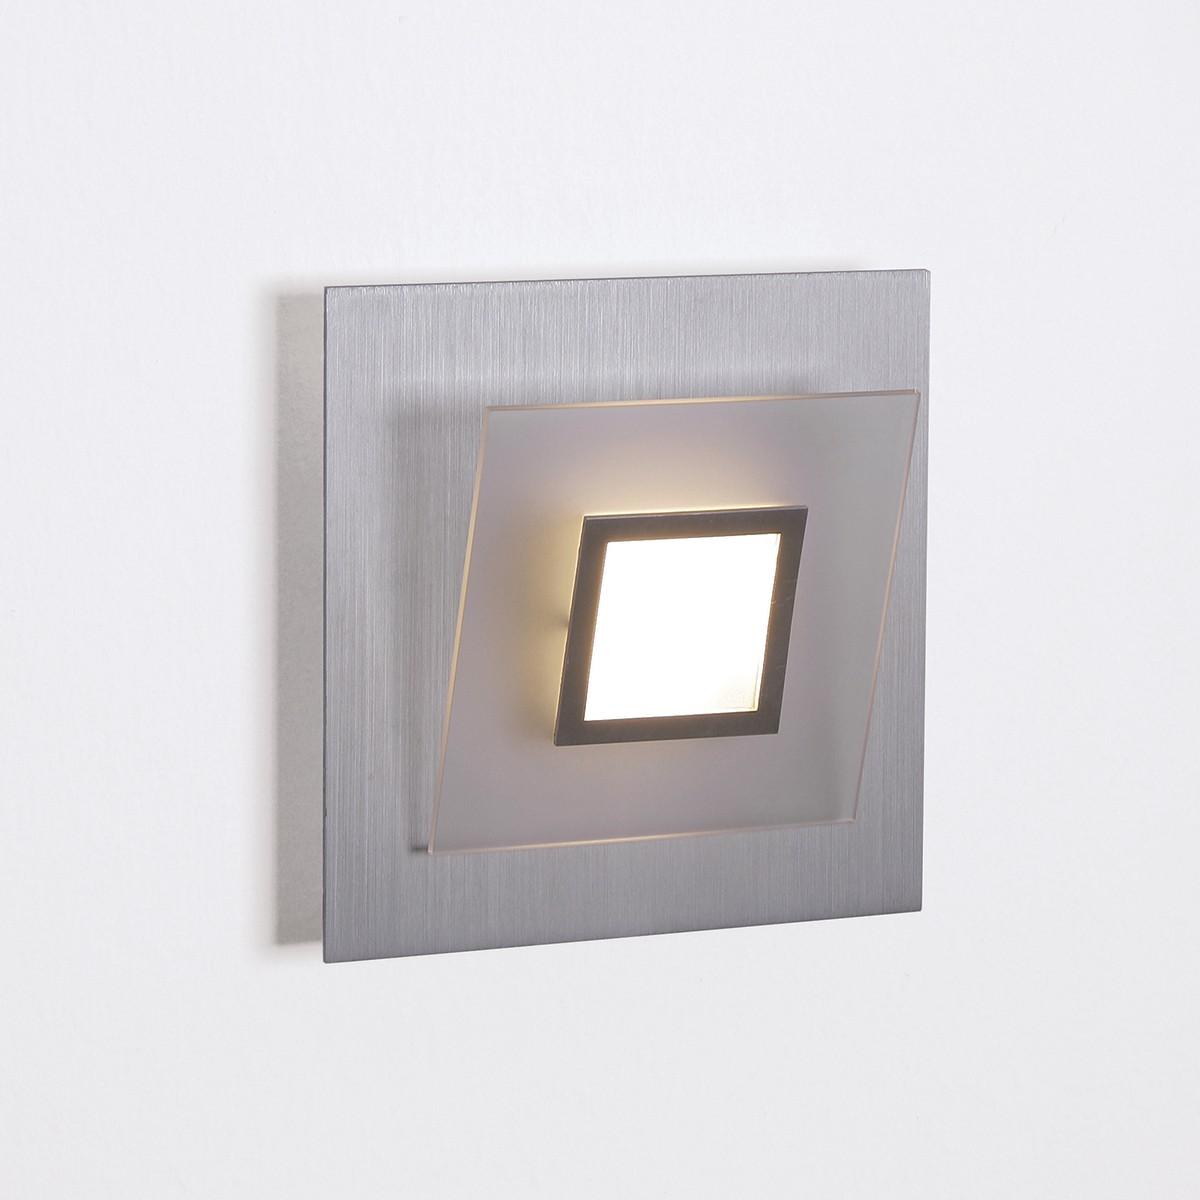 Bopp Frame LED Wand- / Deckenleuchte, Aluminium